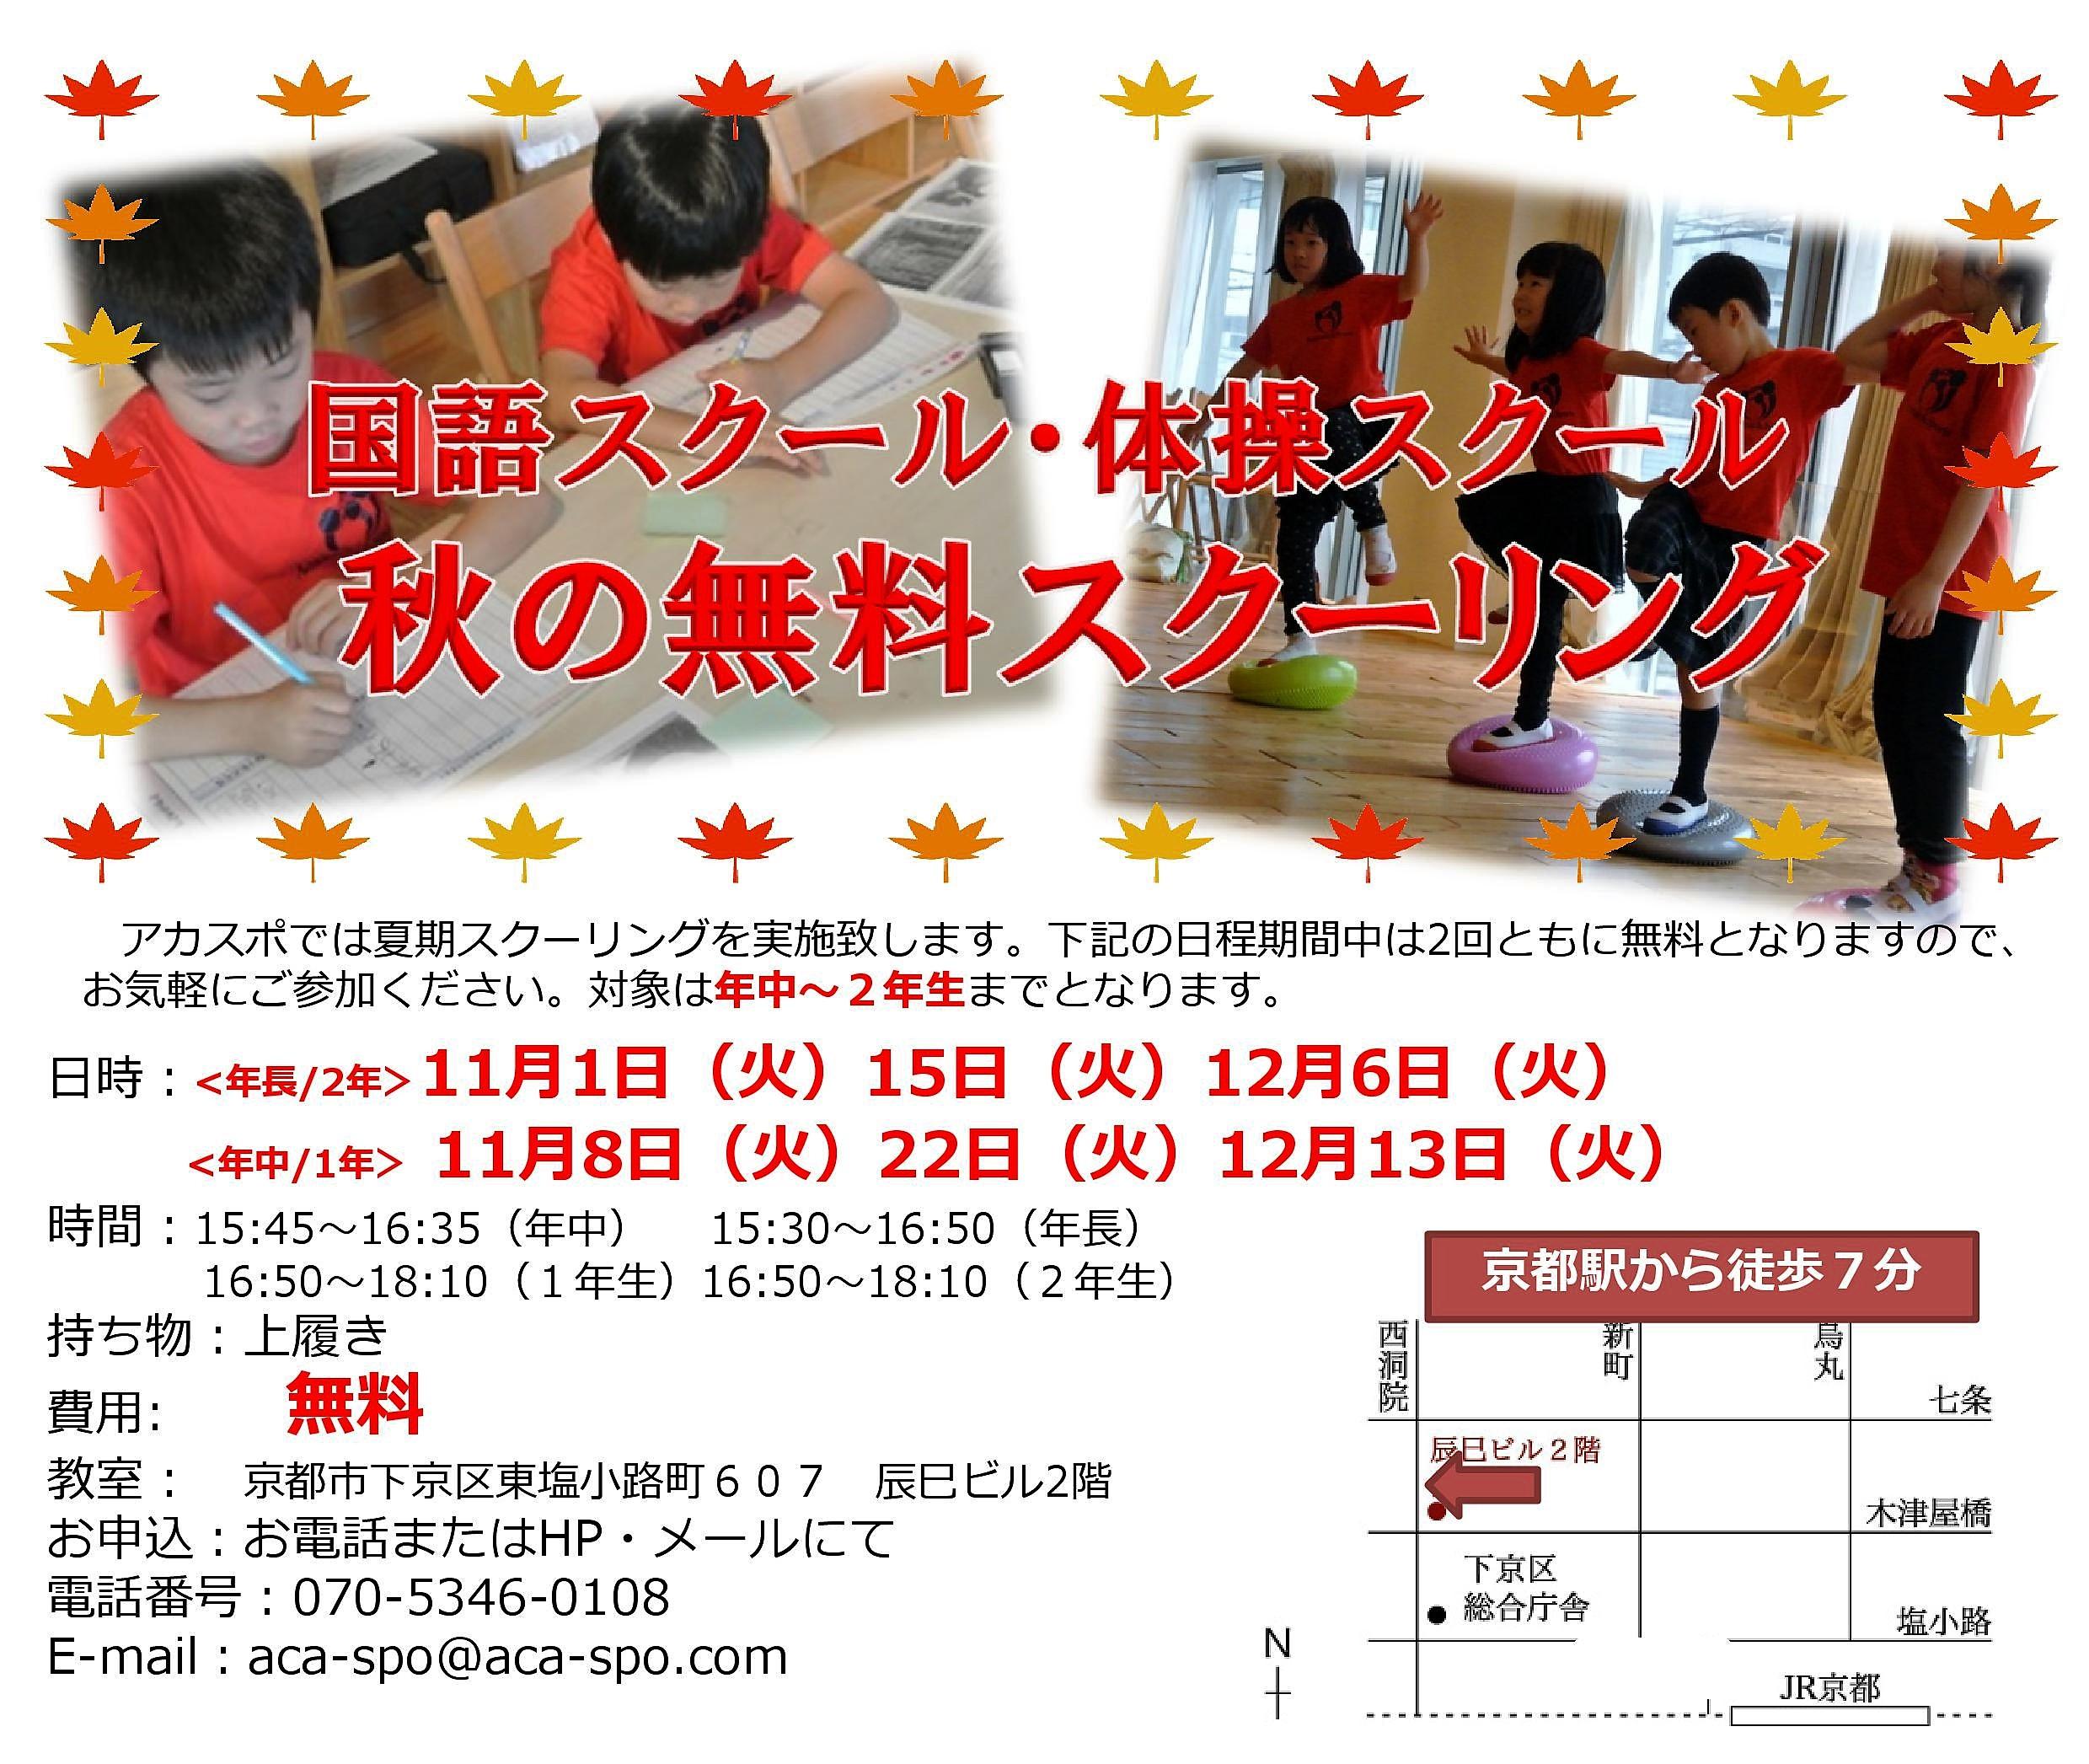 【京都教室】秋の無料体験スクーリング